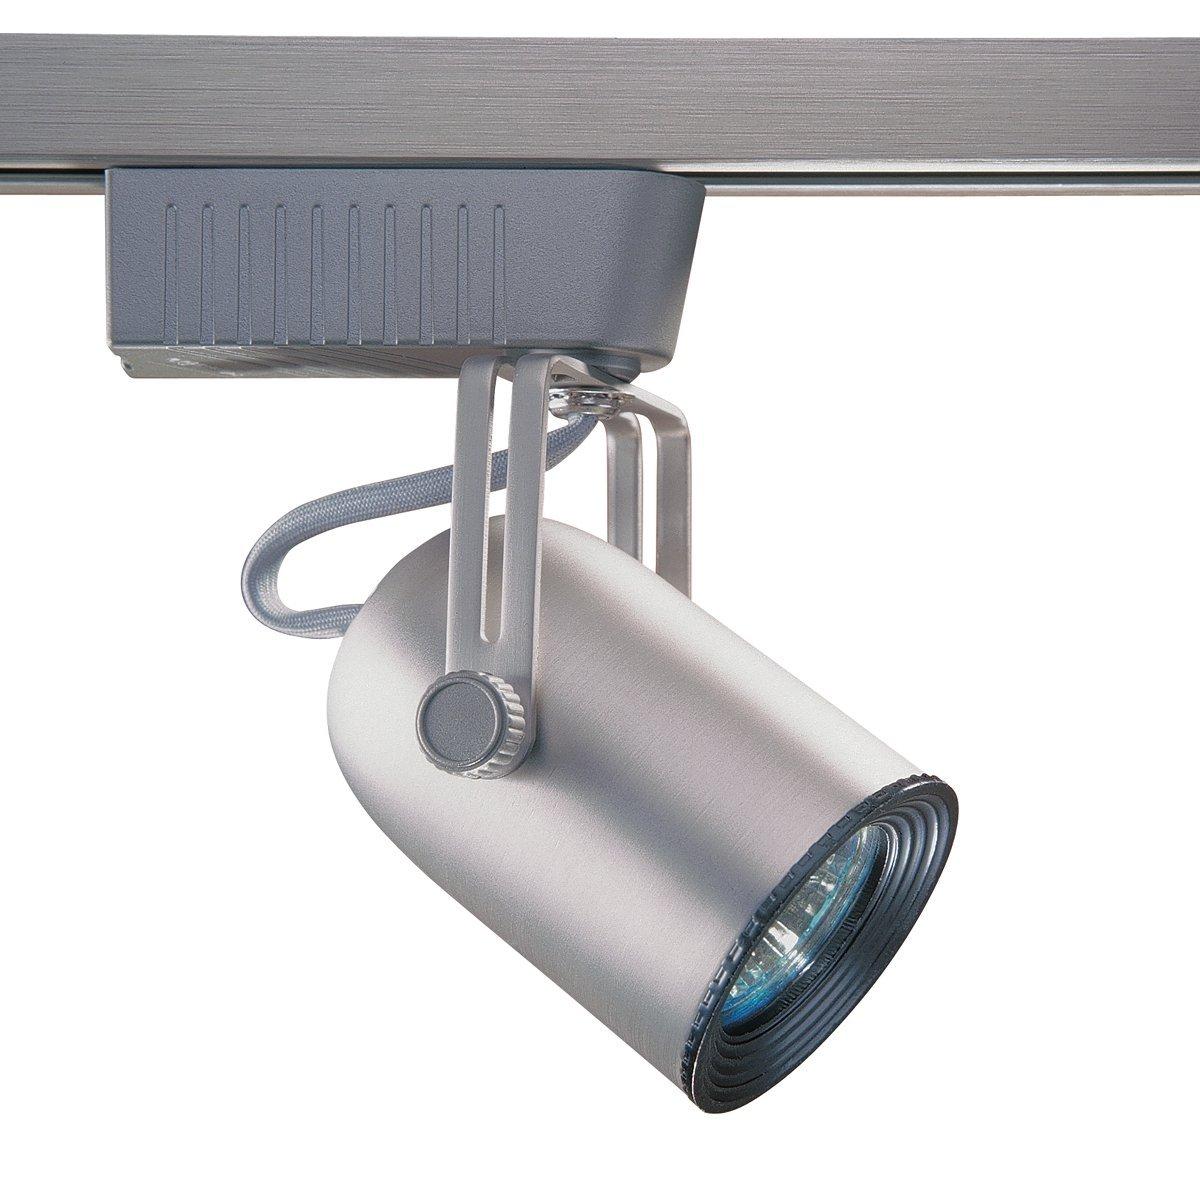 Kendal Lighting TL101-BST Designers Choice Cylinder 1-Light 12-volt Adjustable Track Head, Brushed Steel Finish